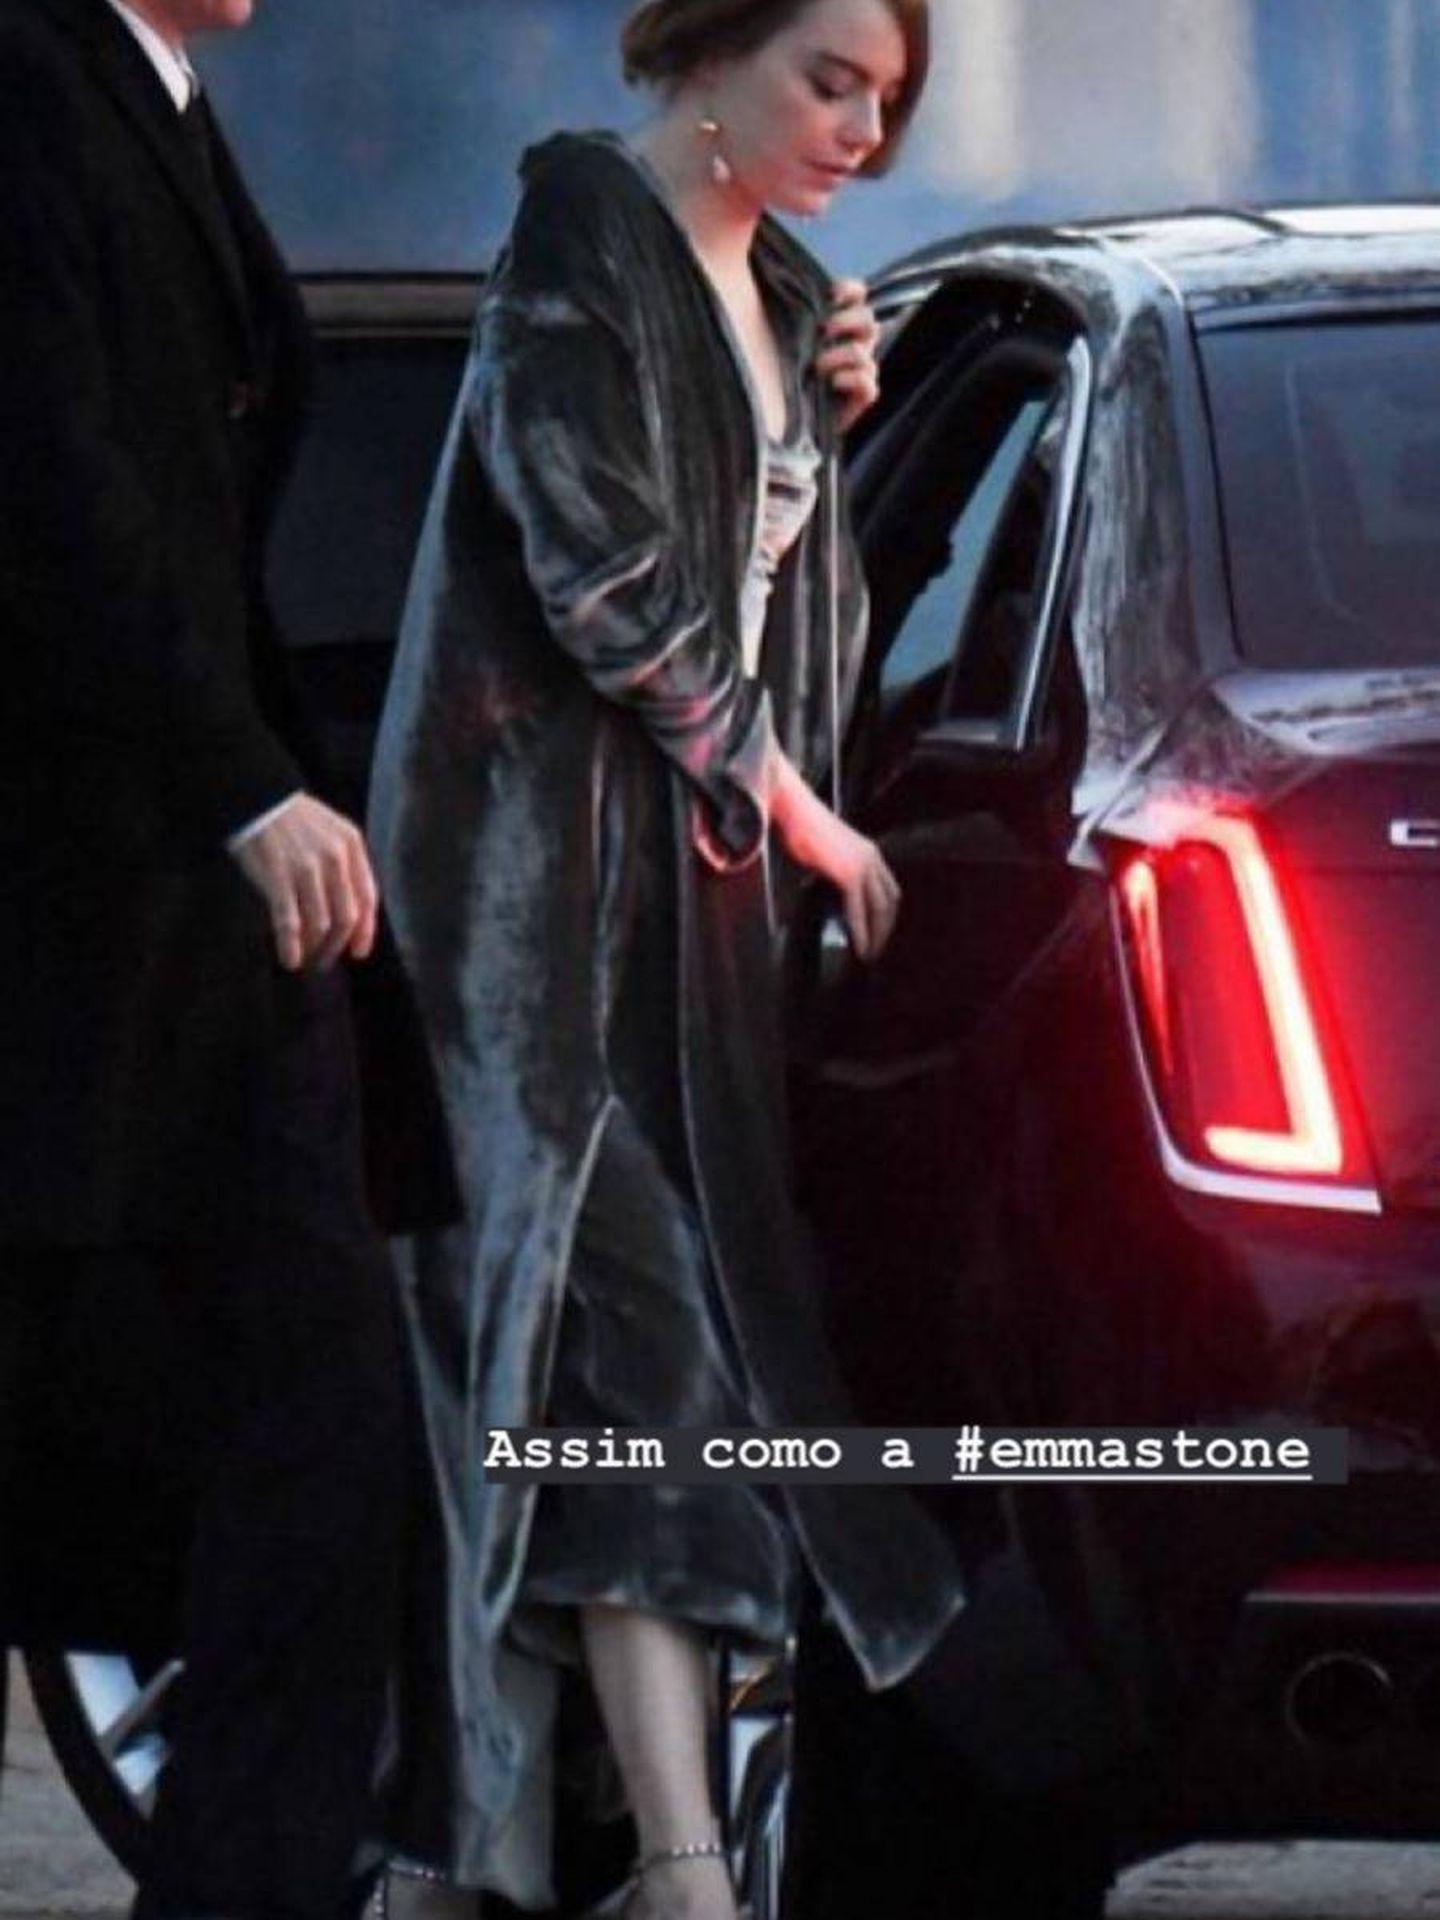 El look de invitada de la actriz Emma Stone (Instagram)